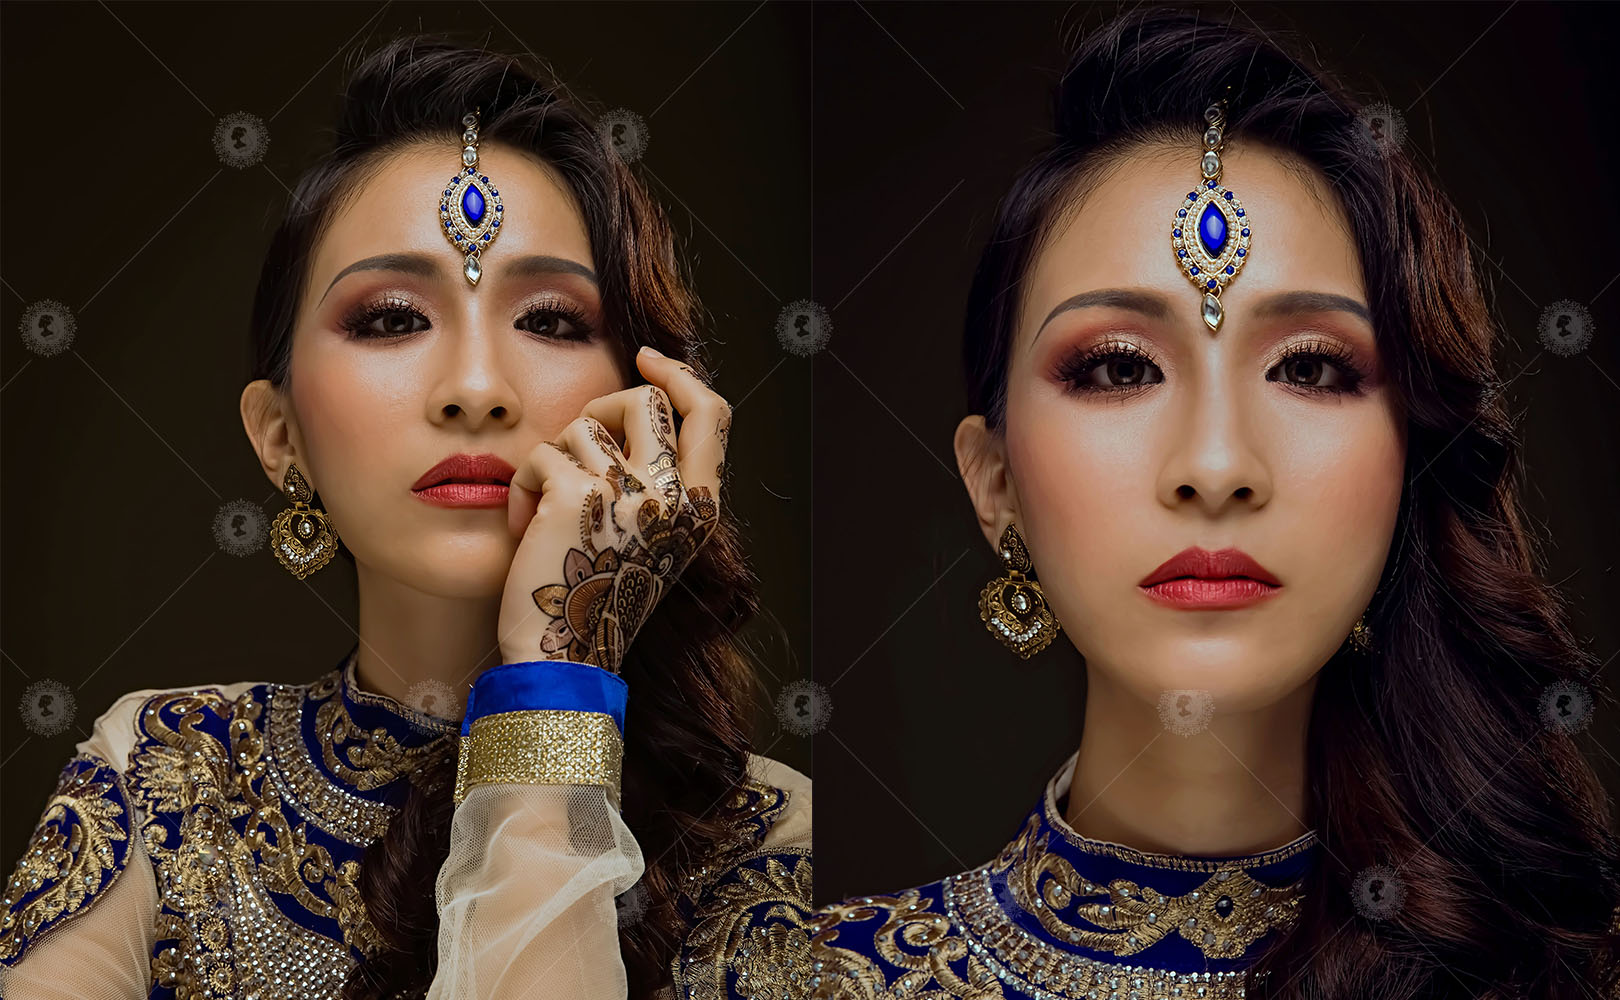 【印度旁遮比-揭開印度面紗】刺繡傳統流行感/硃砂馬達巴蒂作品4